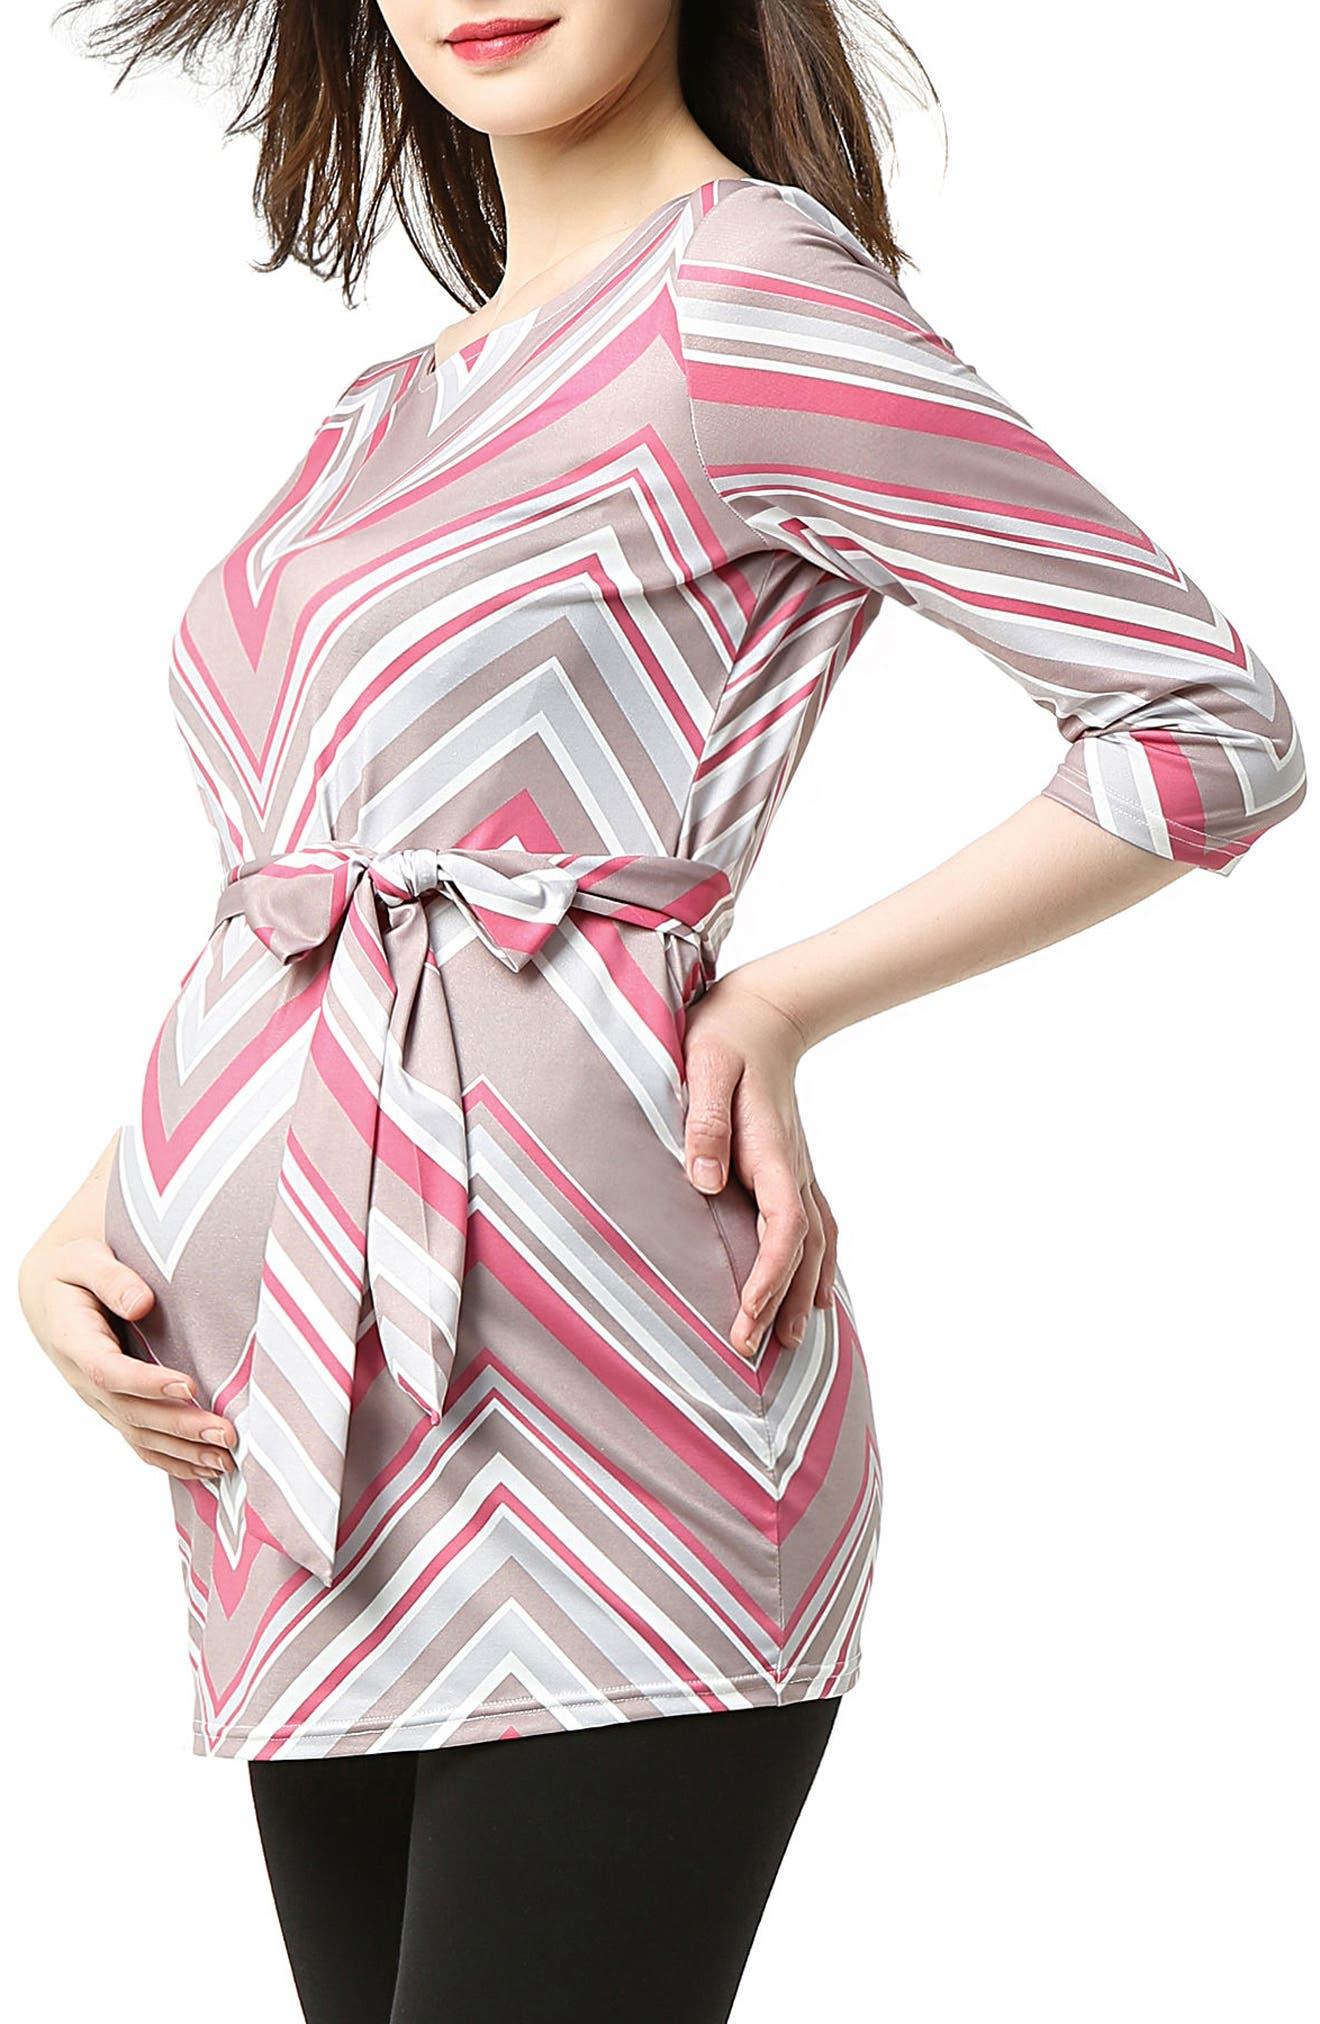 Delia Chevron Maternity Top,                             Alternate thumbnail 3, color,                             Multicolored Stripe